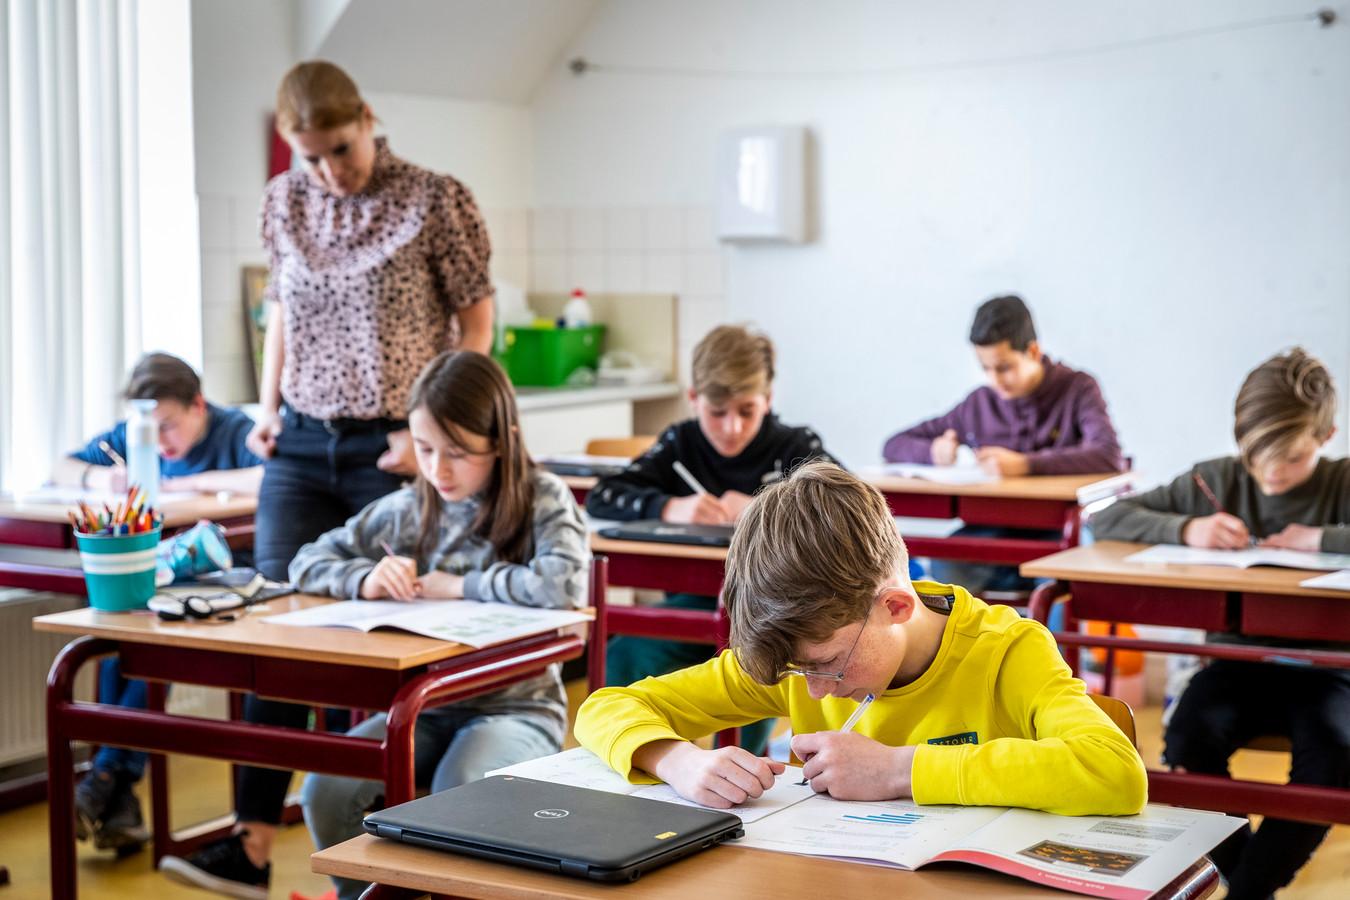 Groep 8 van basisschool Talisman in Eindhoven is bezig met de Cito toets. Juf Ingrid Schenkelaars houdt toezicht.